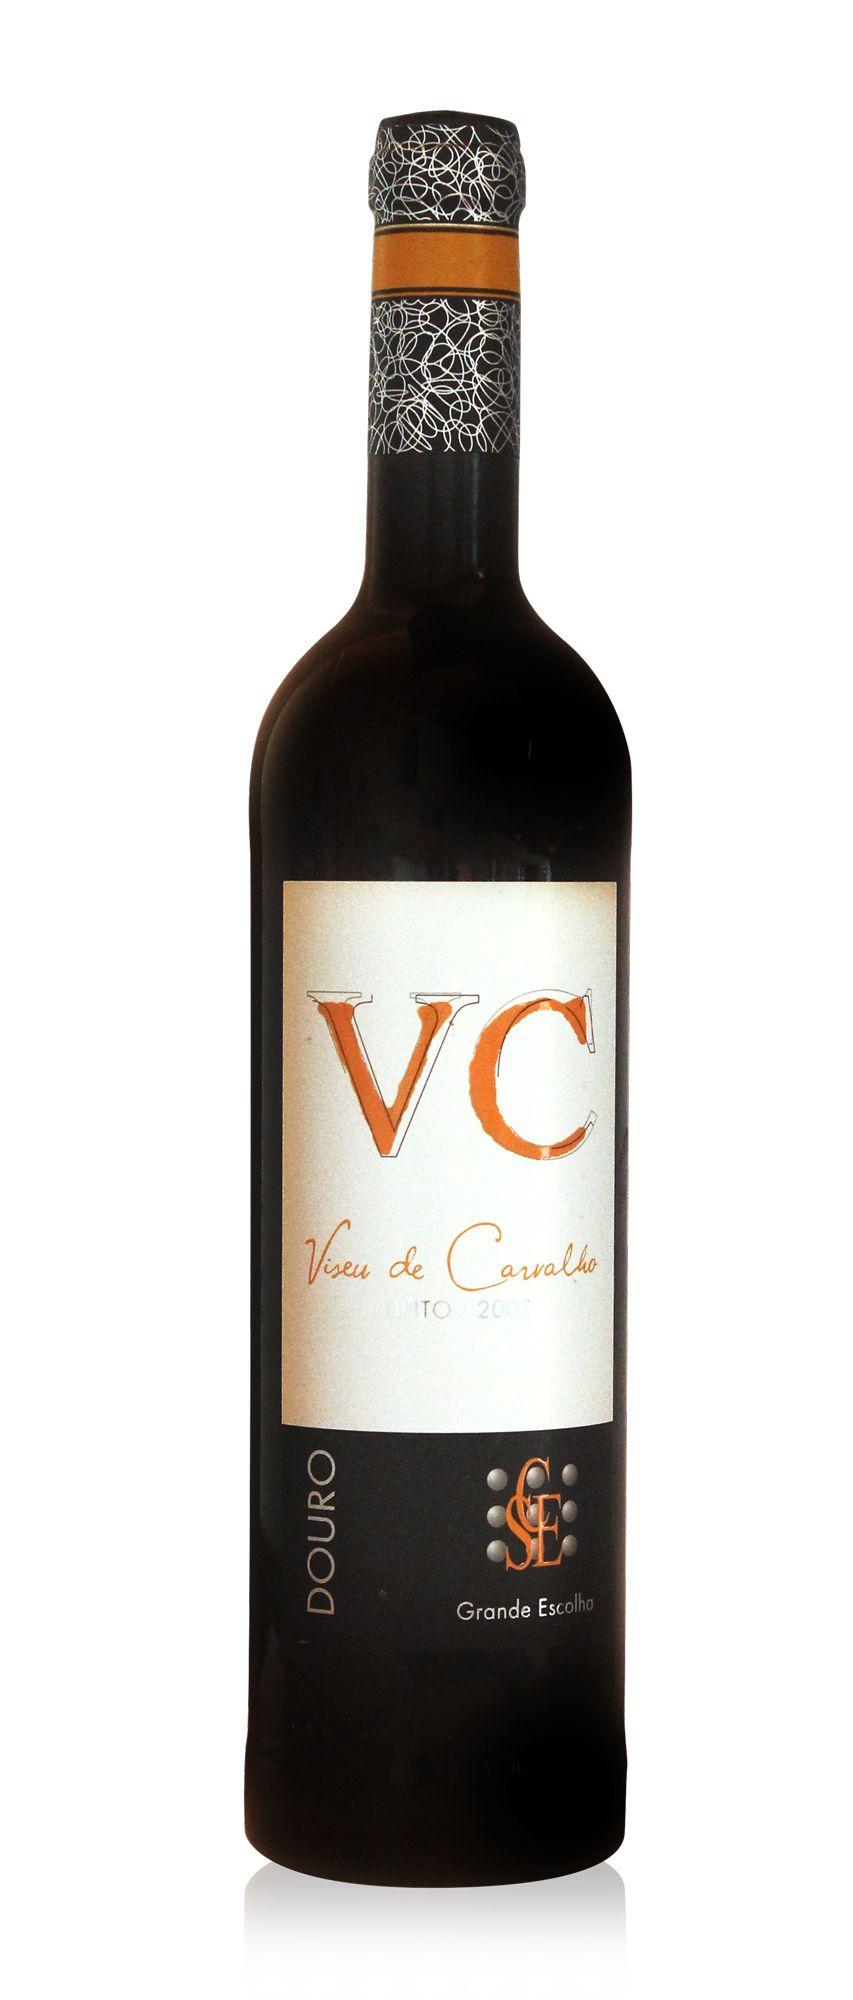 VC - Viseu de Carvalho Grande Escolha